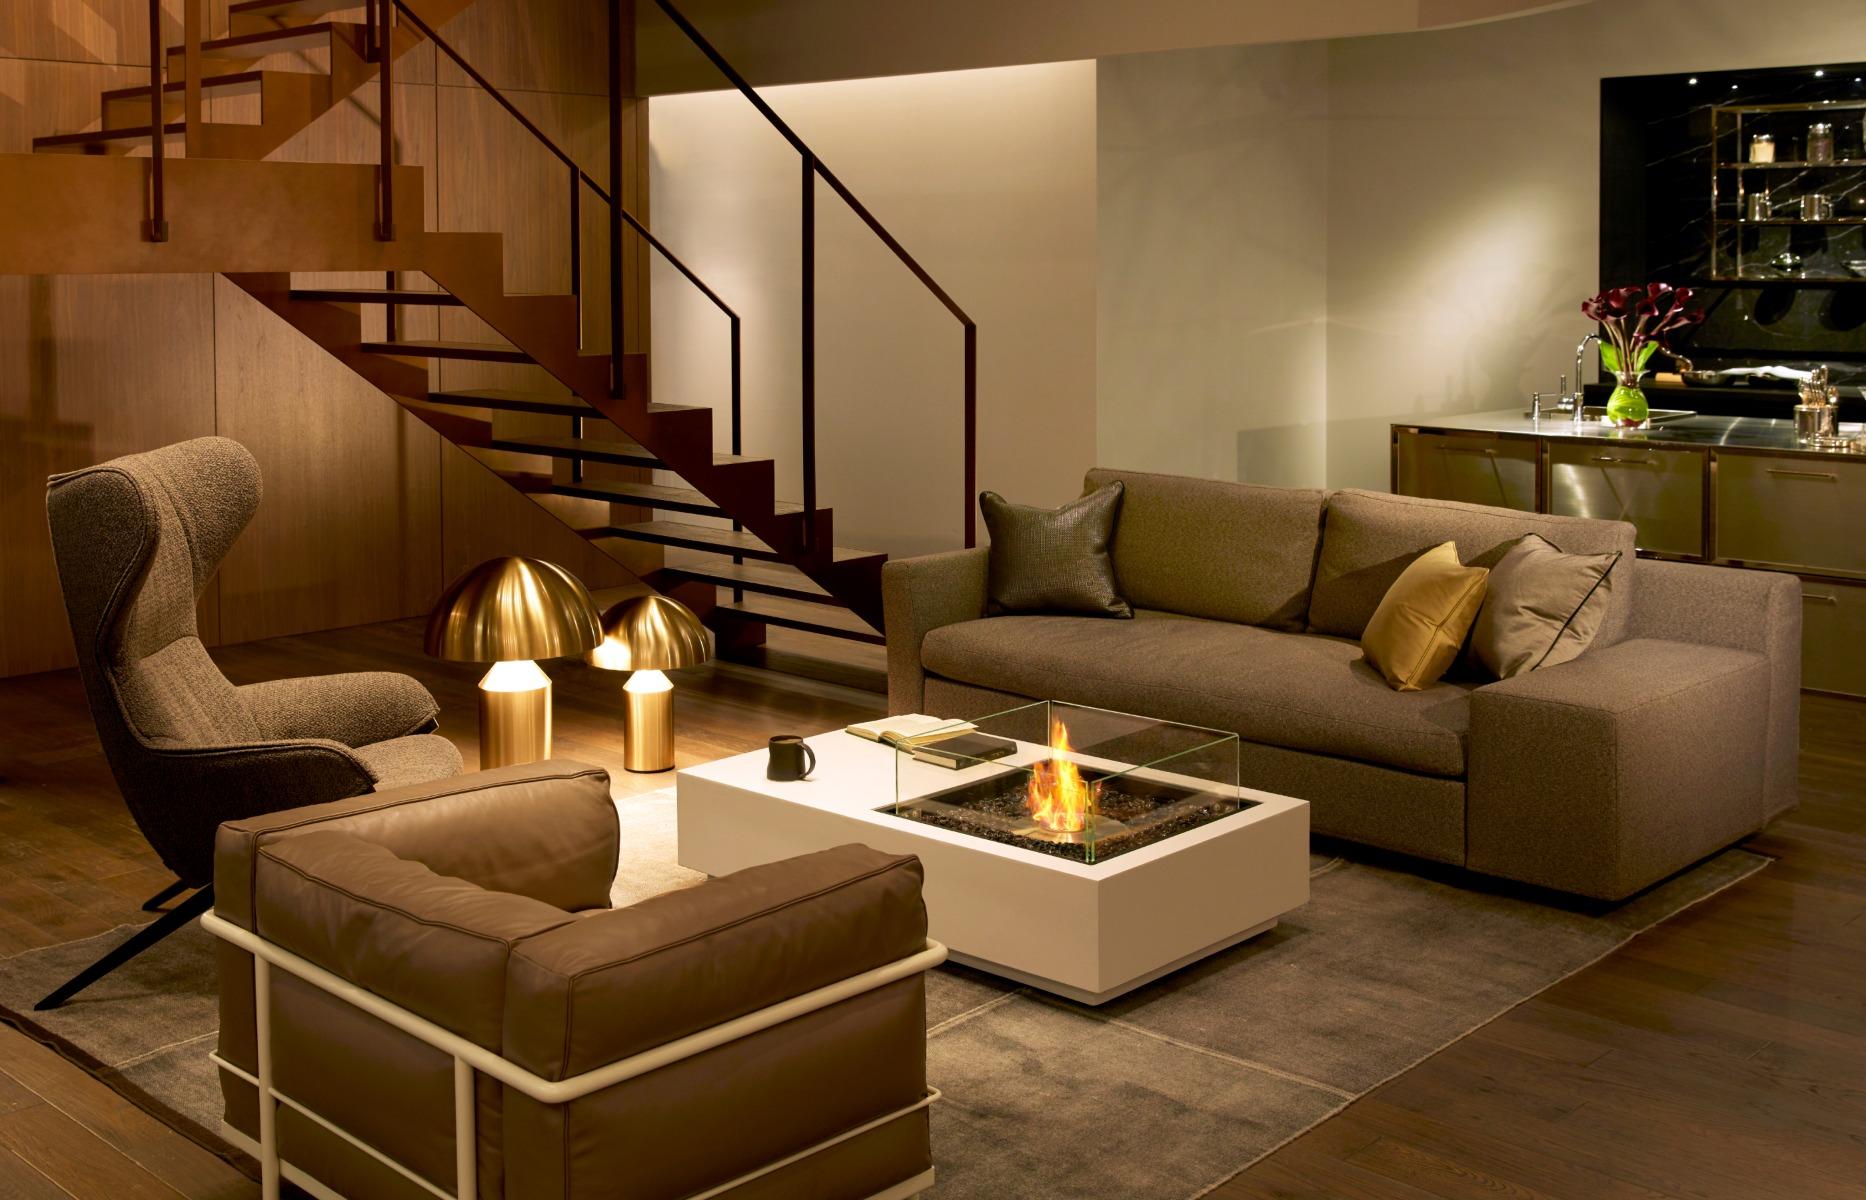 EcoSmart Fire Manhattan fire table